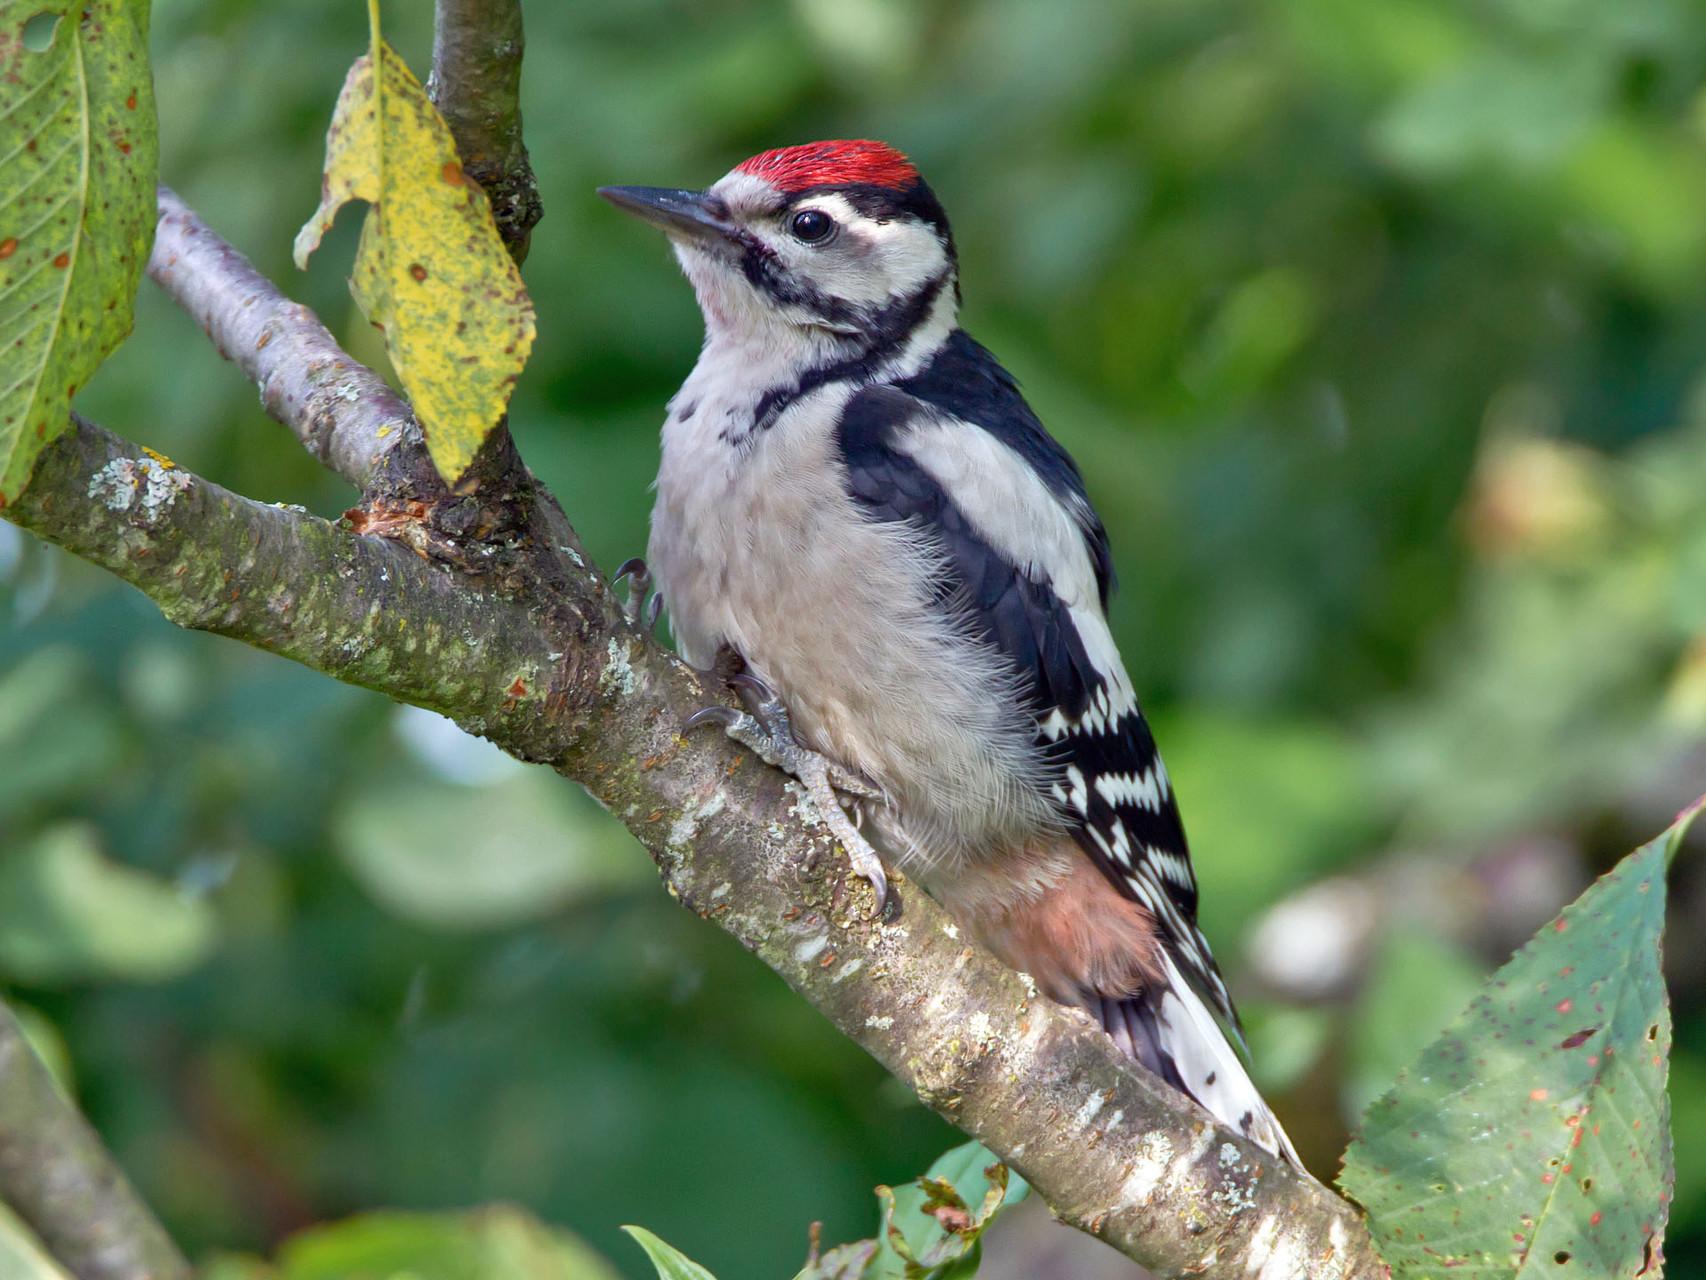 Juveniler Buntspecht, erkennbar an der roten Kappe, nach dem Ausfliegen